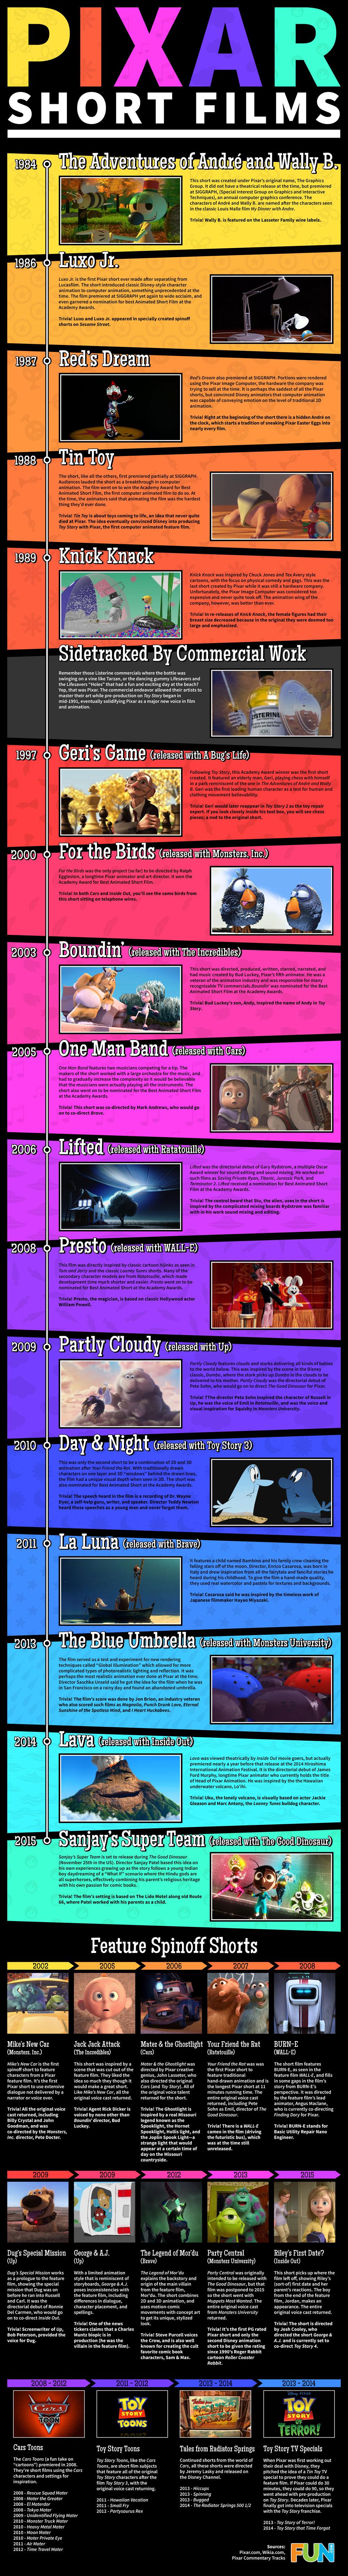 Pixar Short Films Timeline Infographic